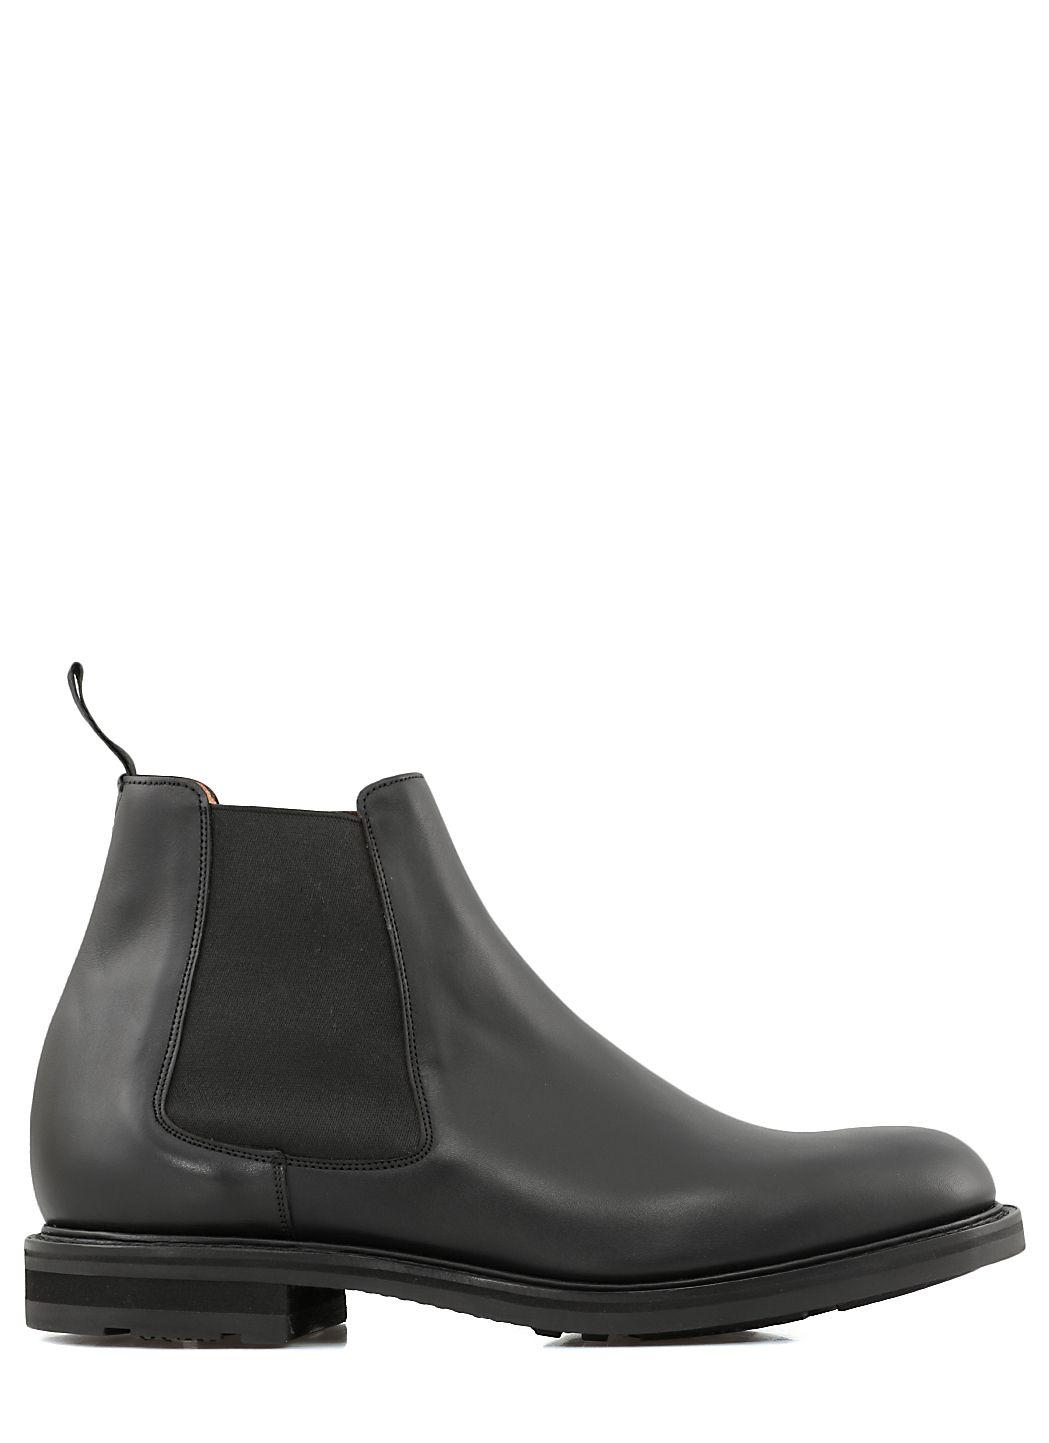 Welwyn chelsea boot